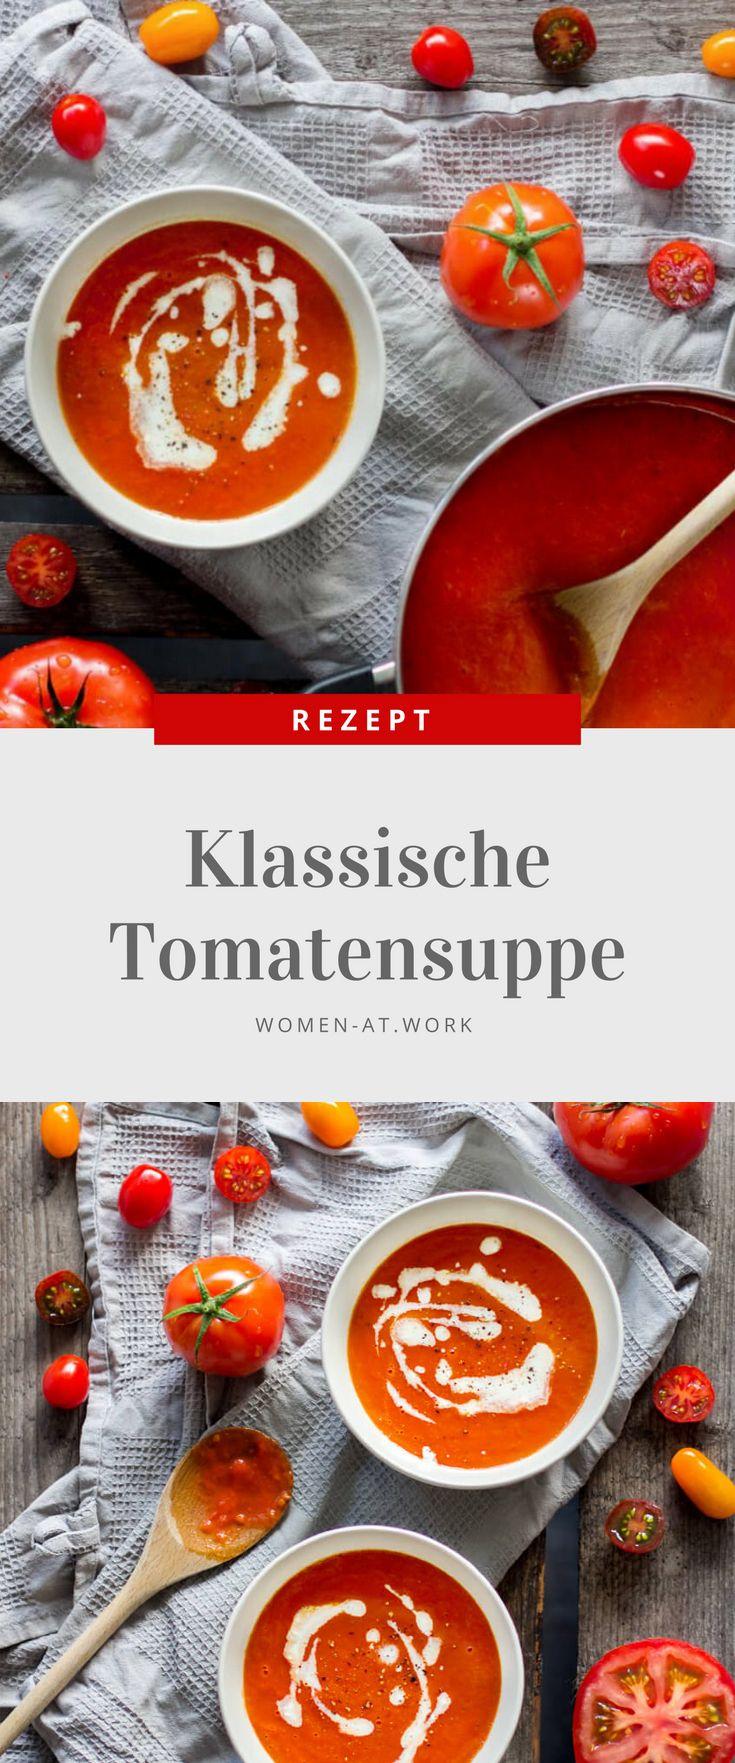 Klassische Tomatensuppe. Das perfekte Rezept für die letzten Sommertage.